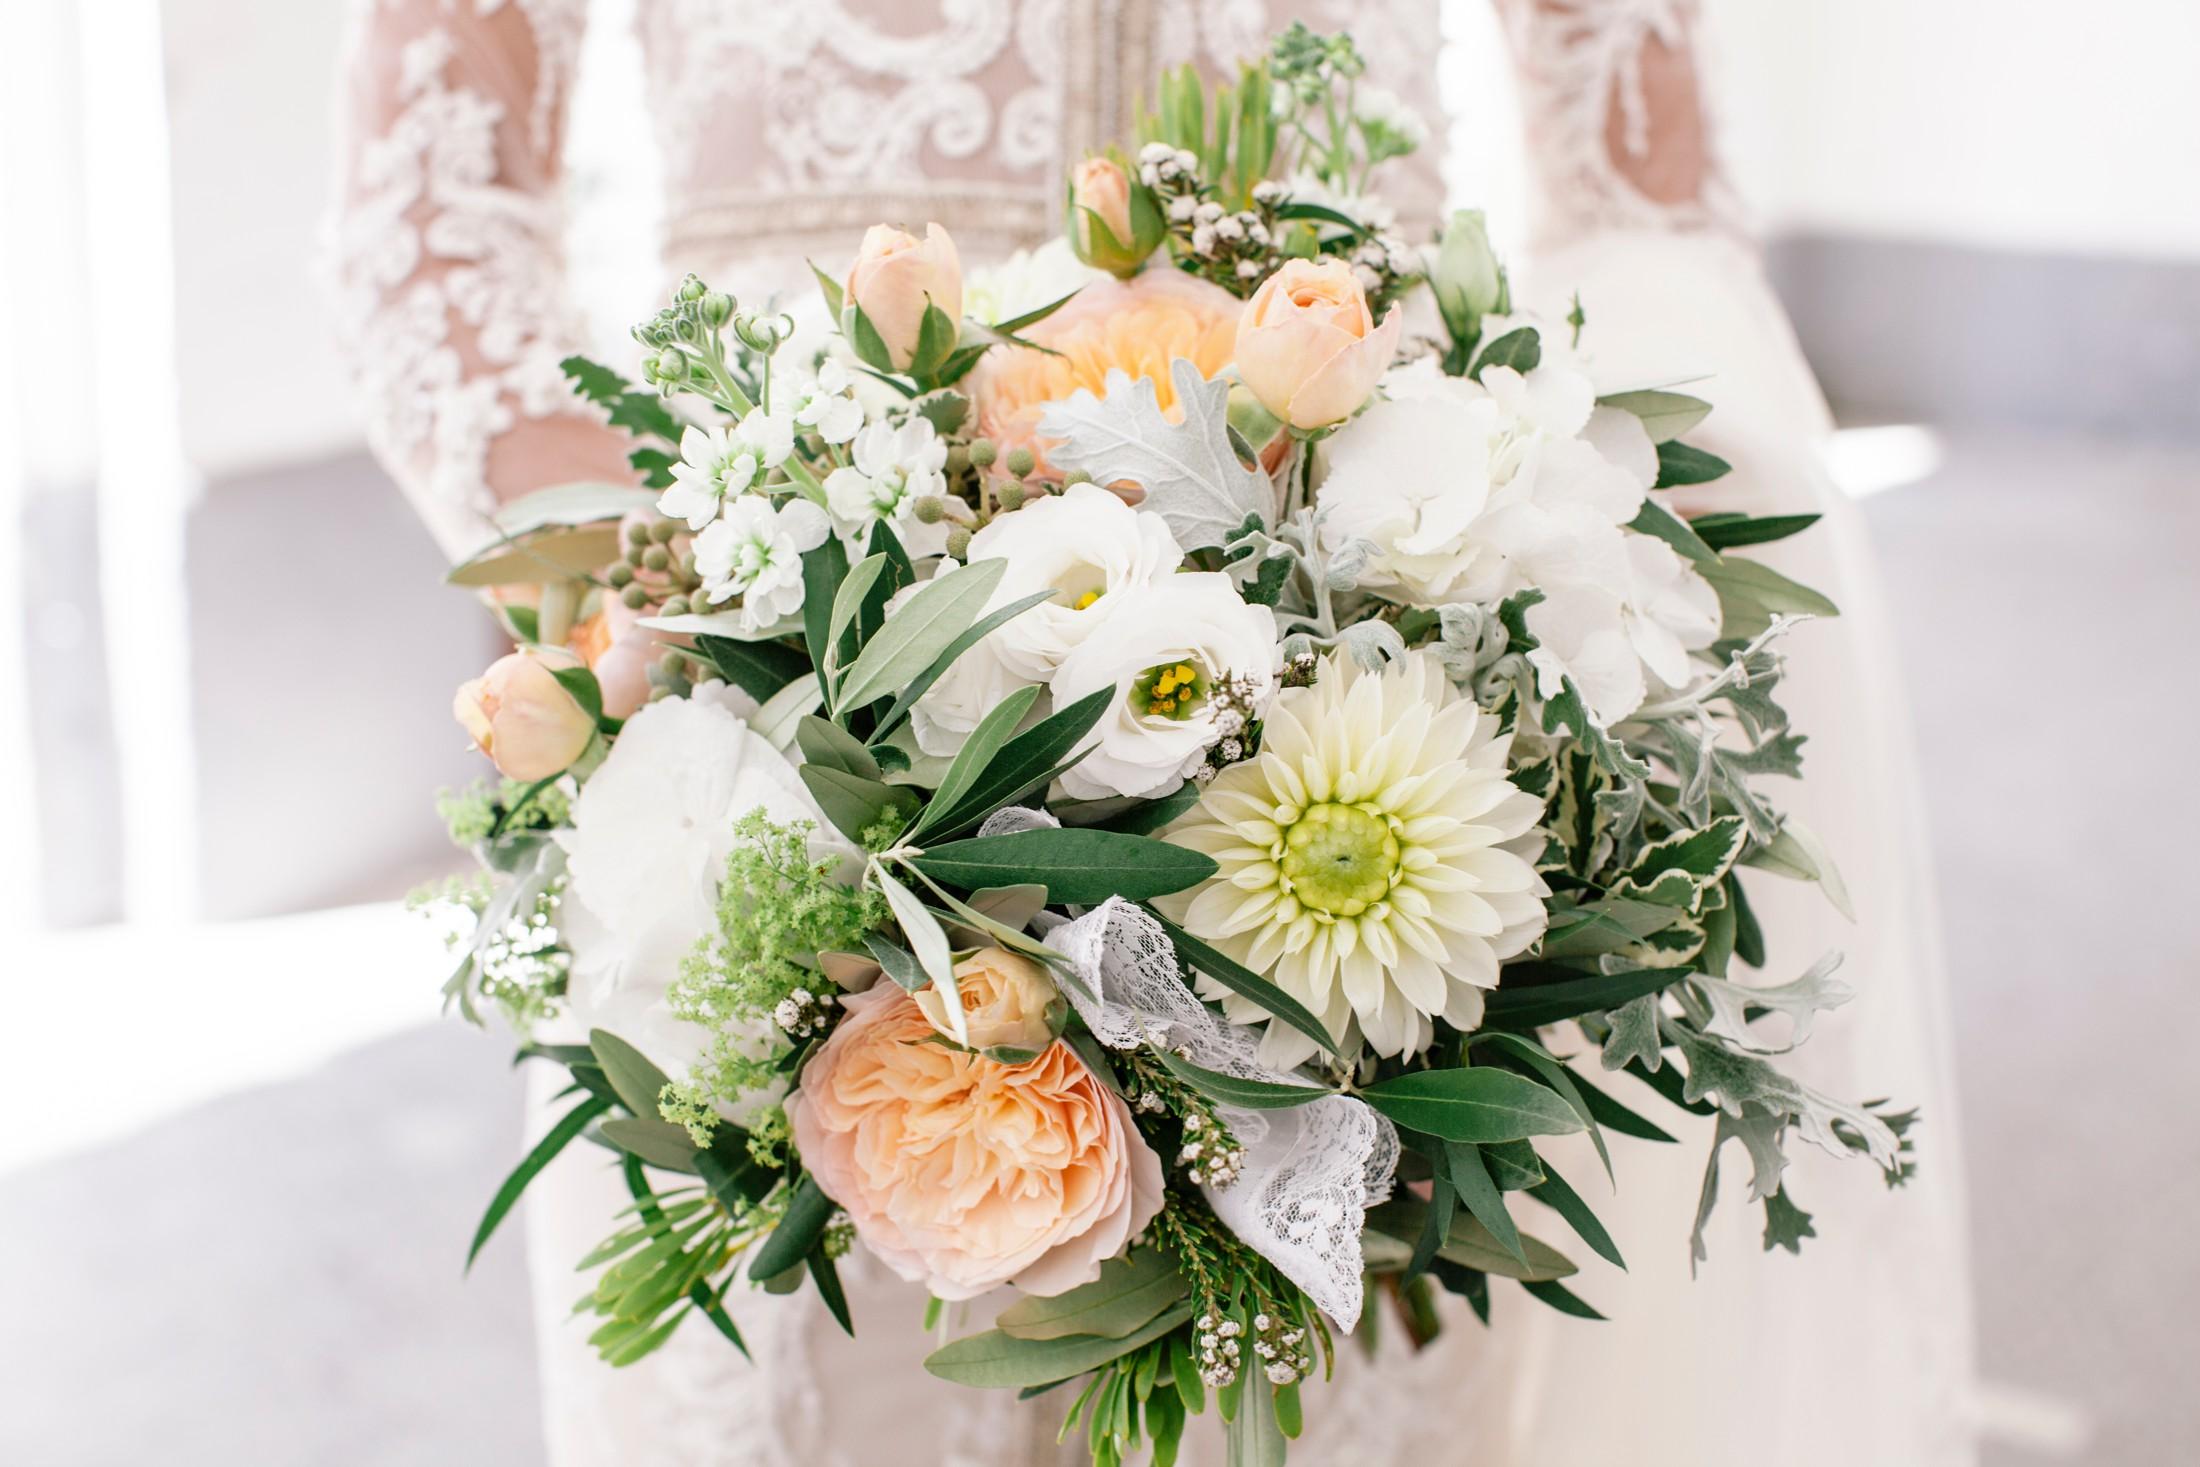 wedding brida bouquet in white and light orange